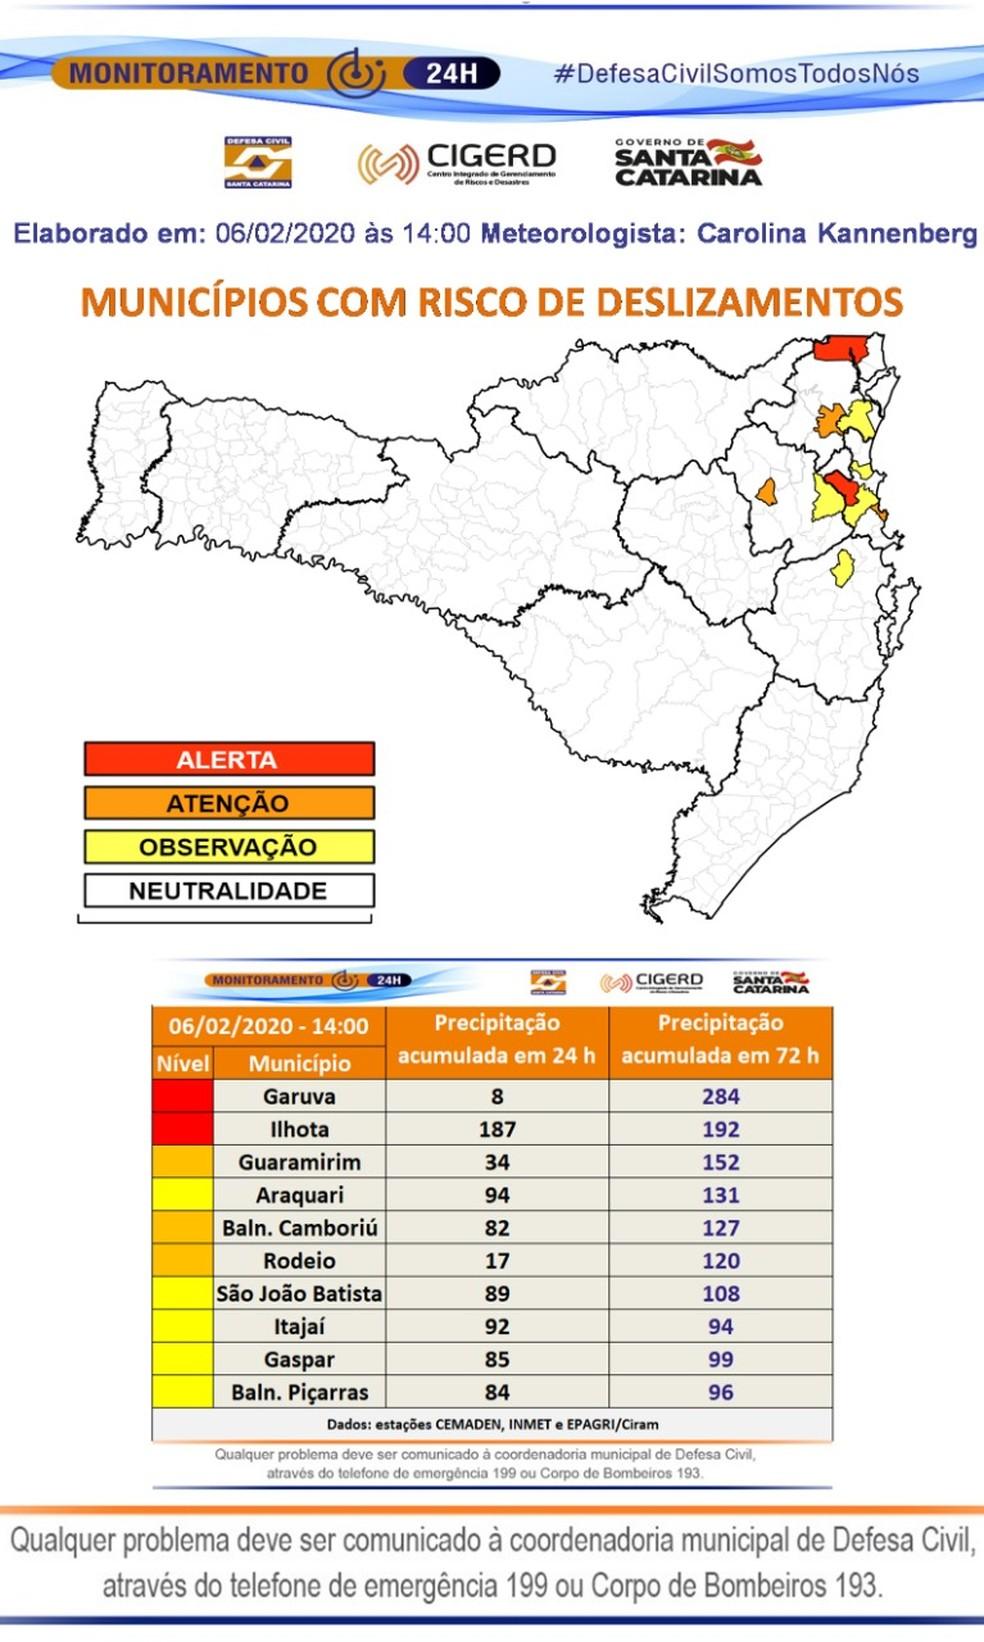 Municípios com risco de deslizamentos — Foto: Defesa Civil Estadual/ Divulgação